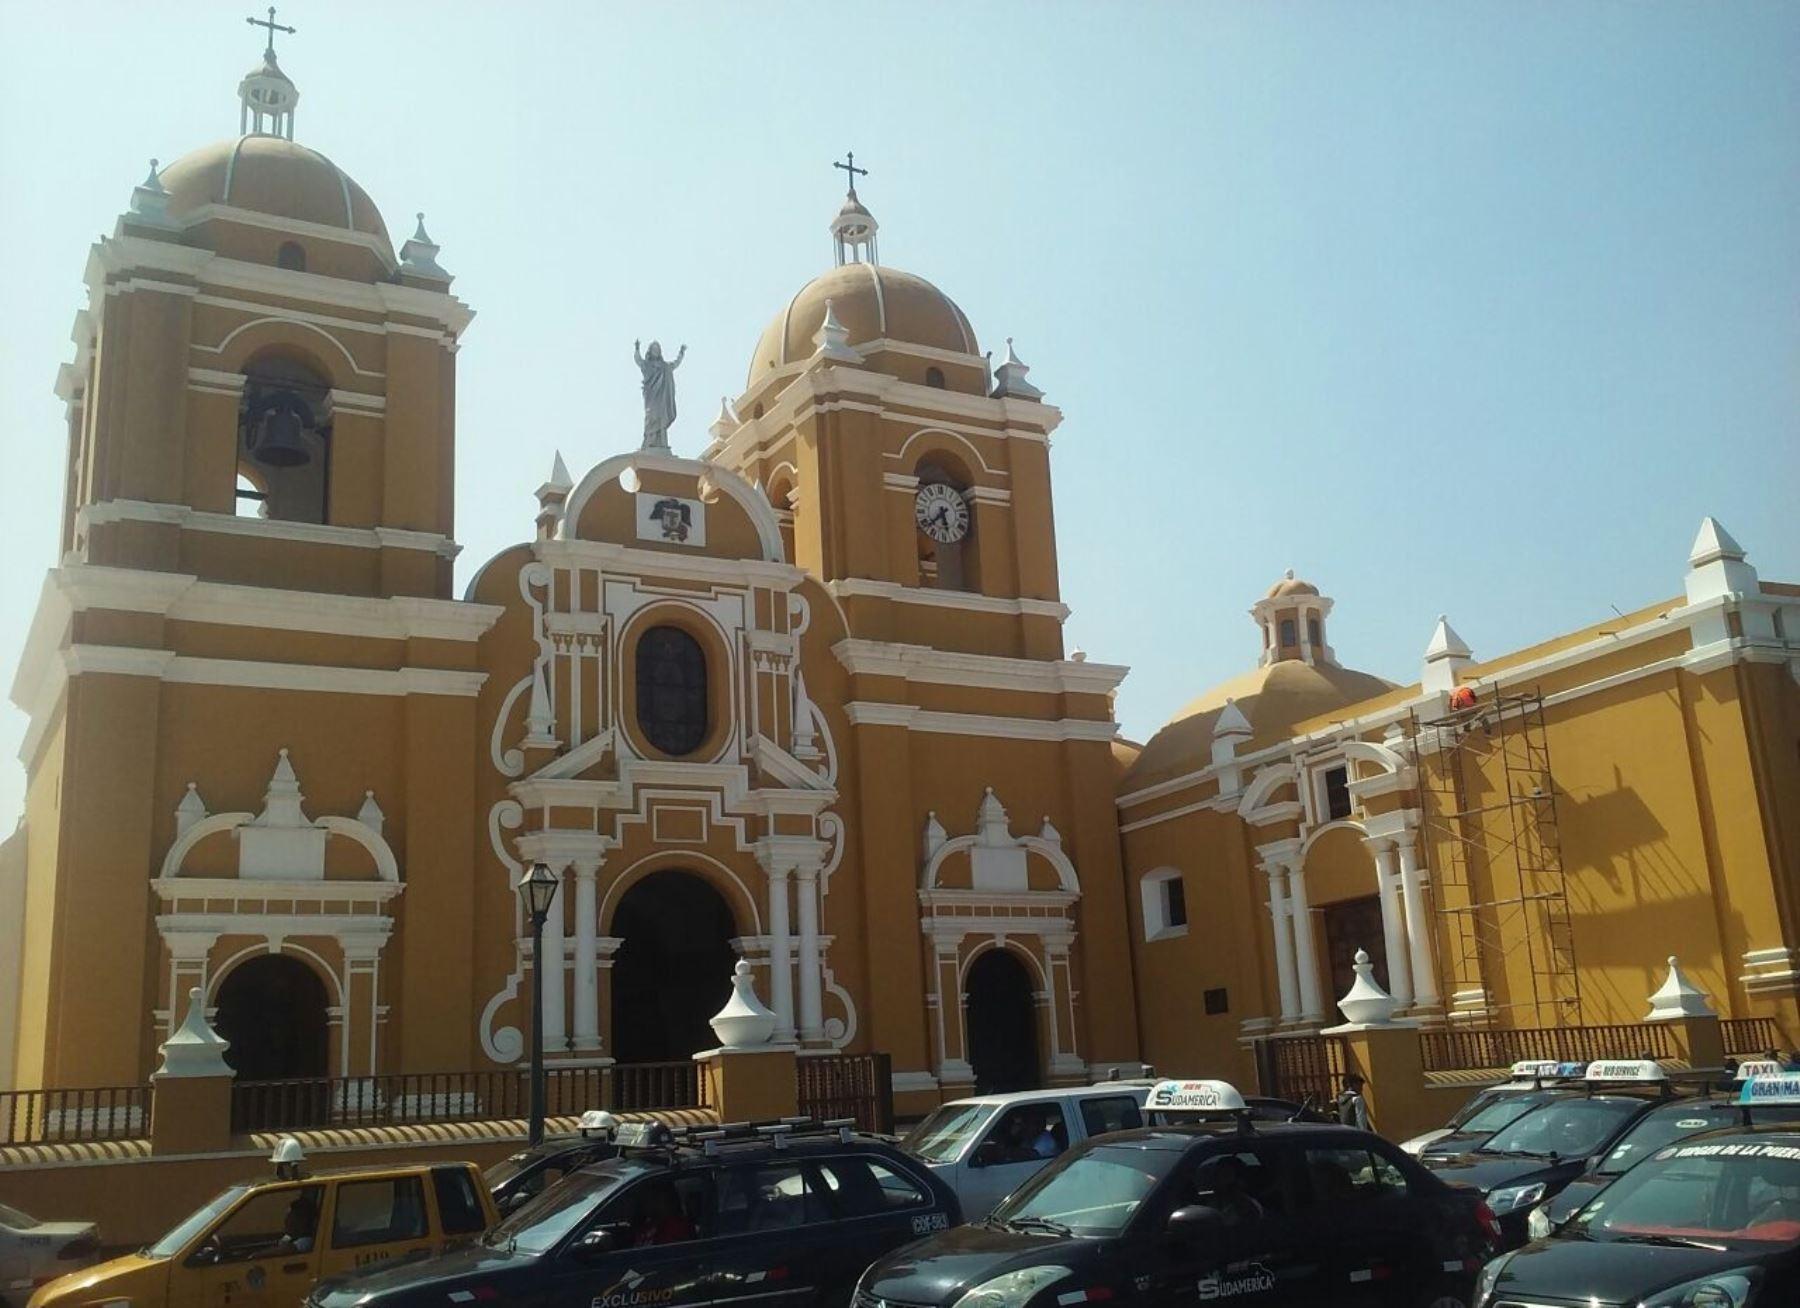 Catedral de Trujillo celebró con campanazo la noticia de visita de papa Francisco. ANDINA/Luis Puell